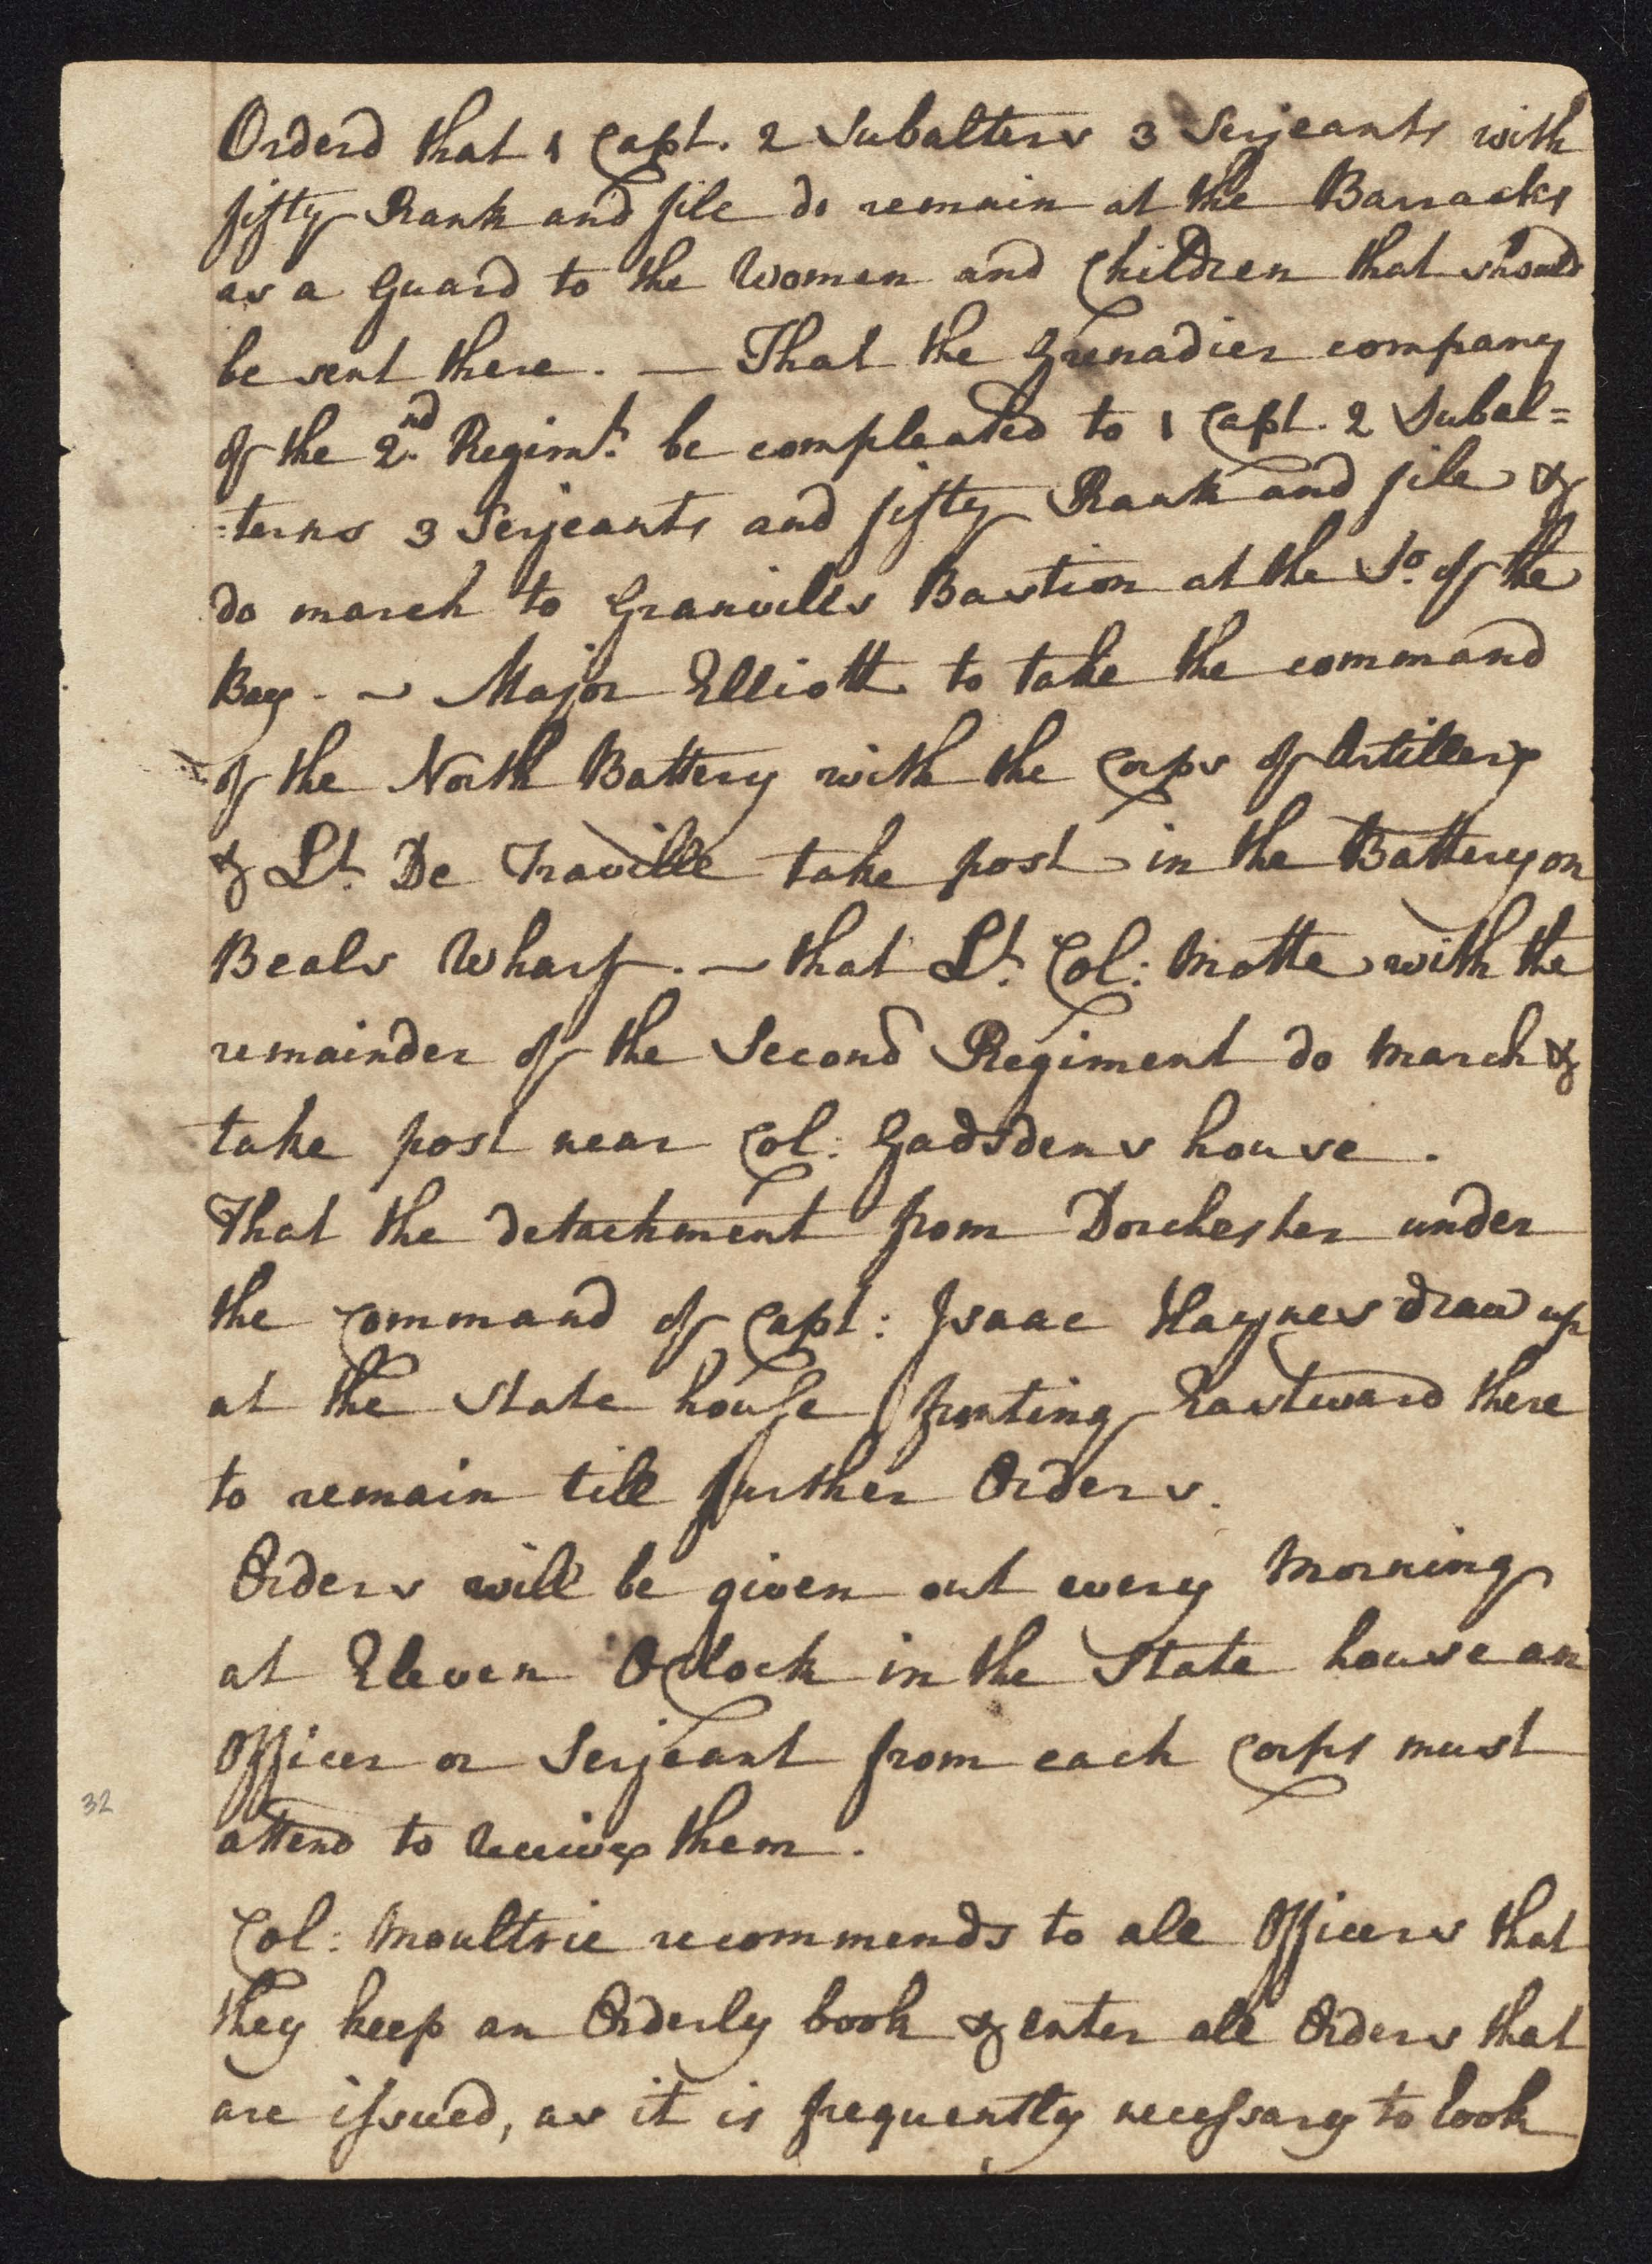 South Carolina Regiment Order Book, Page 63